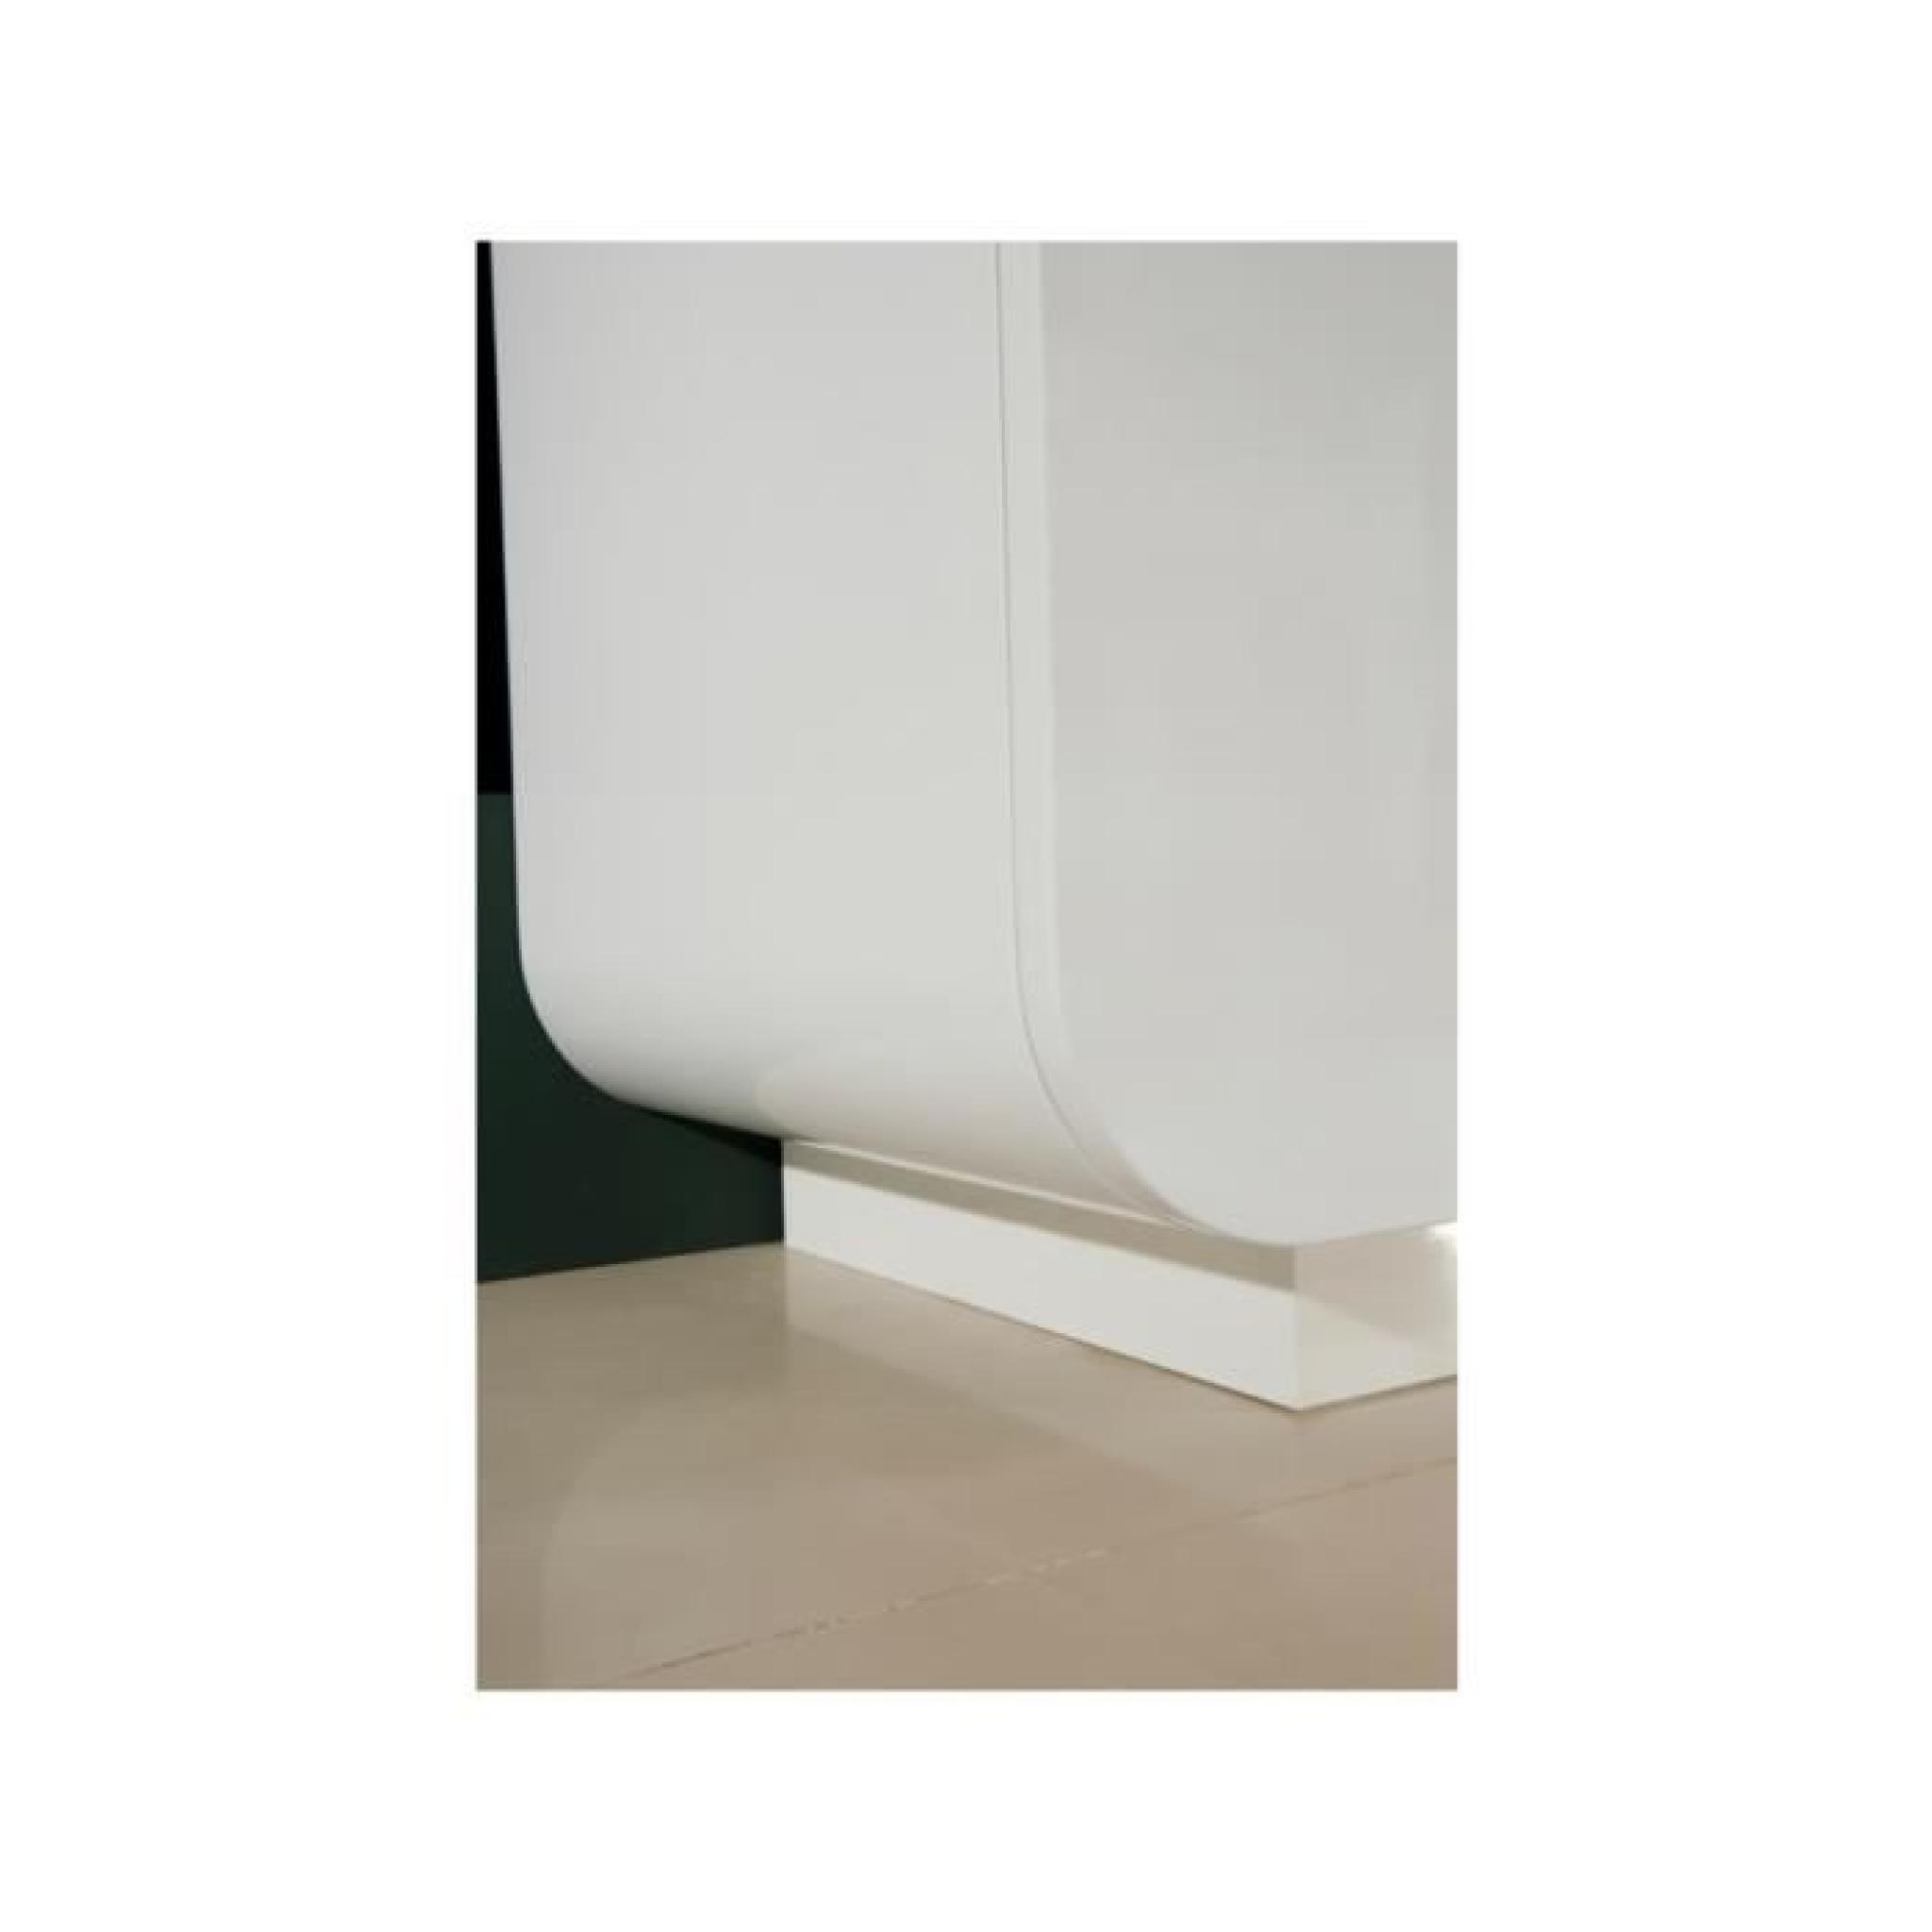 Panneau Mdf Laque Blanc Maison Design